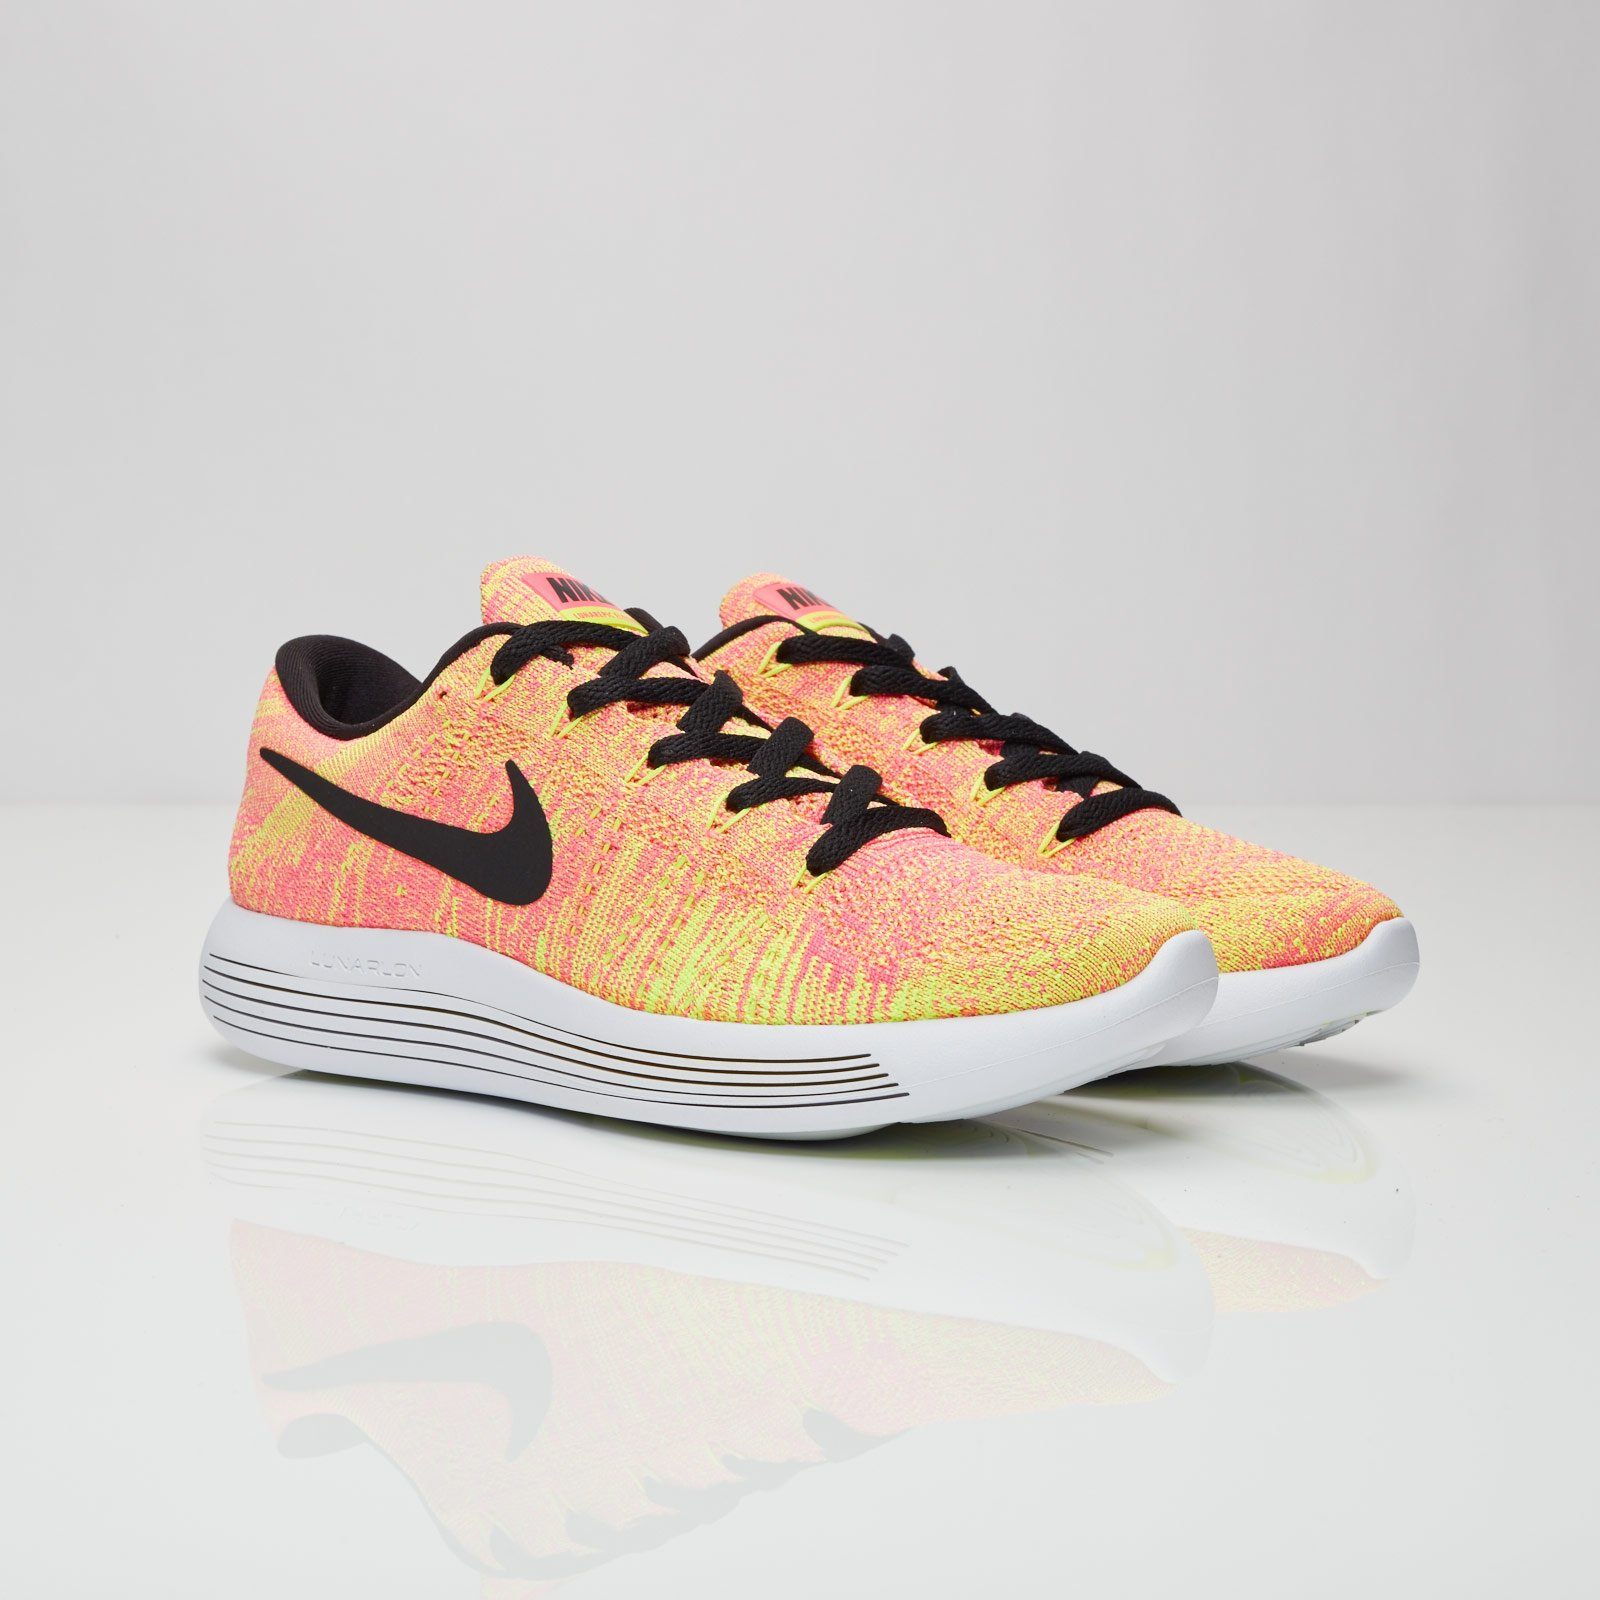 ef965c70f06 Nike Wmns Lunarepic Low Flyknit OC - 844863-999 - Sneakersnstuff ...